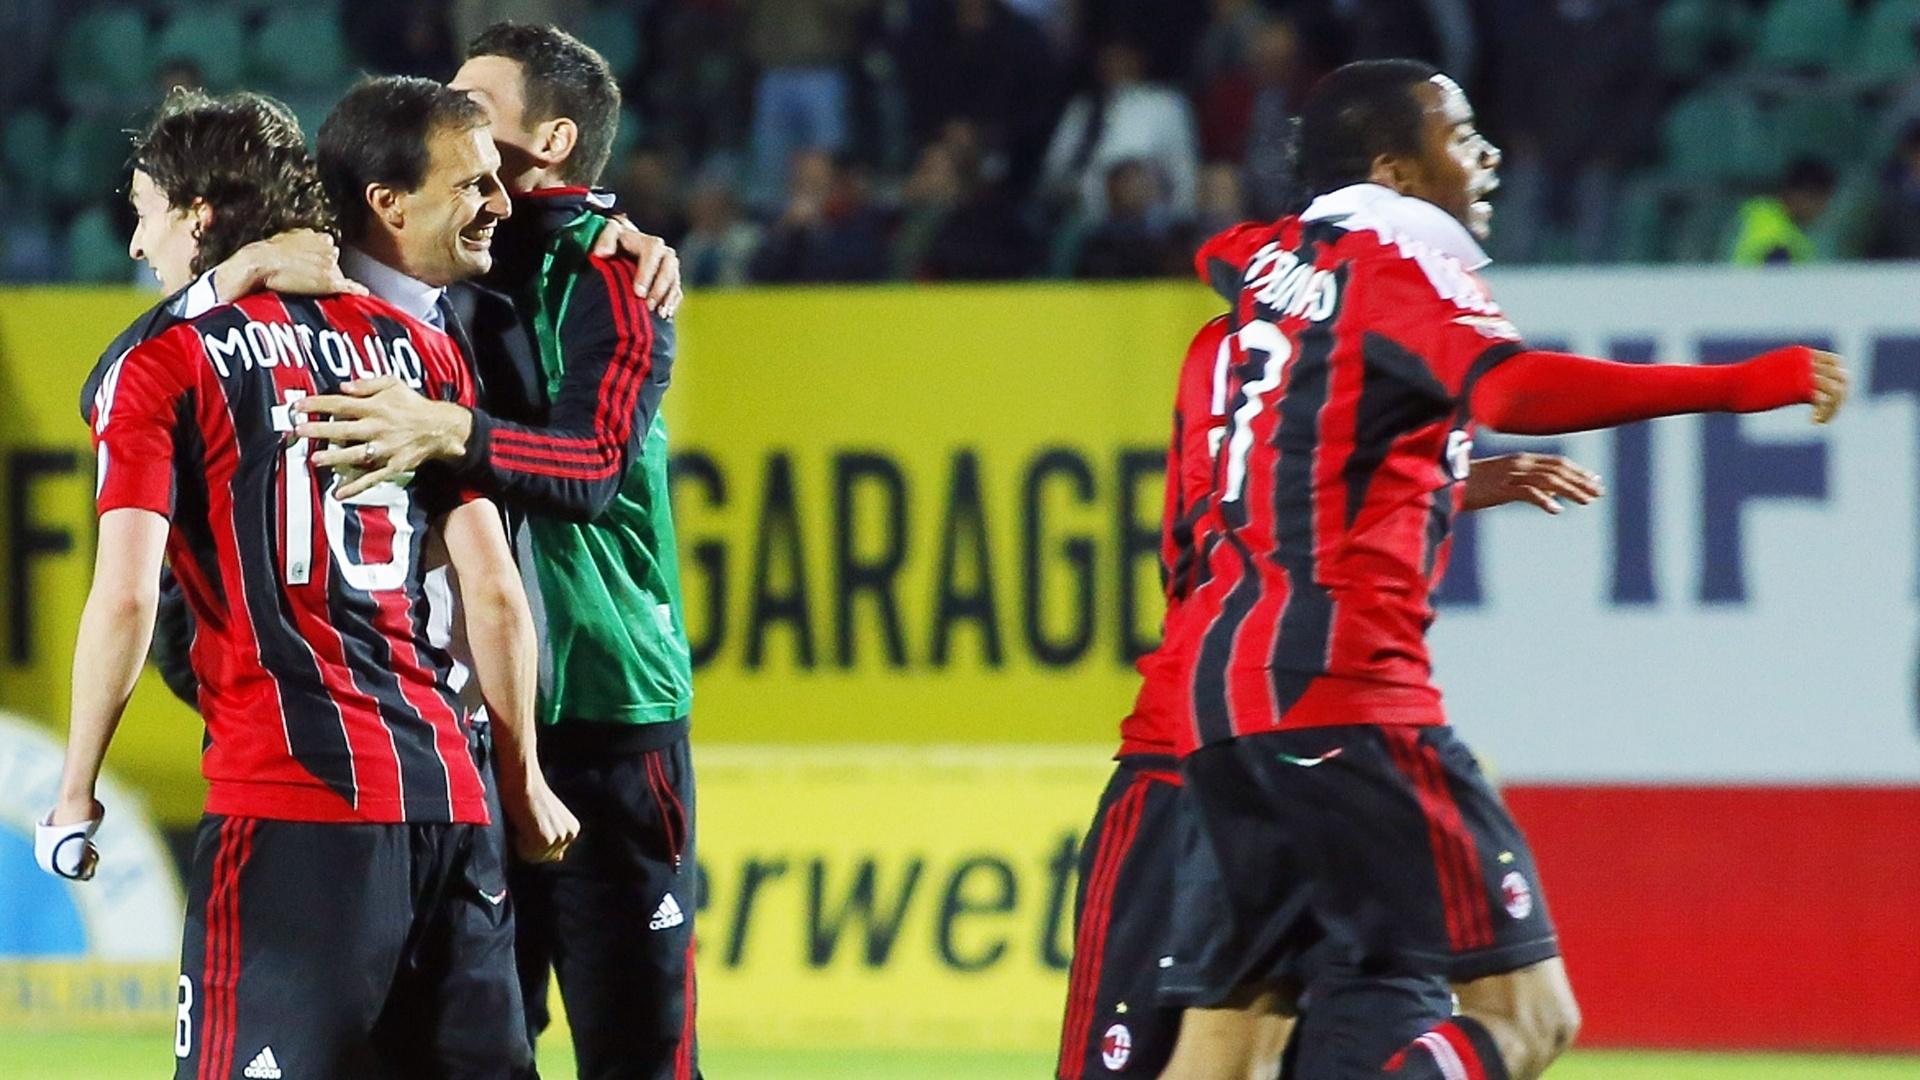 Jogadores do Milan comemoram vitória de 2 a 1 contra o Siena, que levou a equipe a Liga dos Campeões